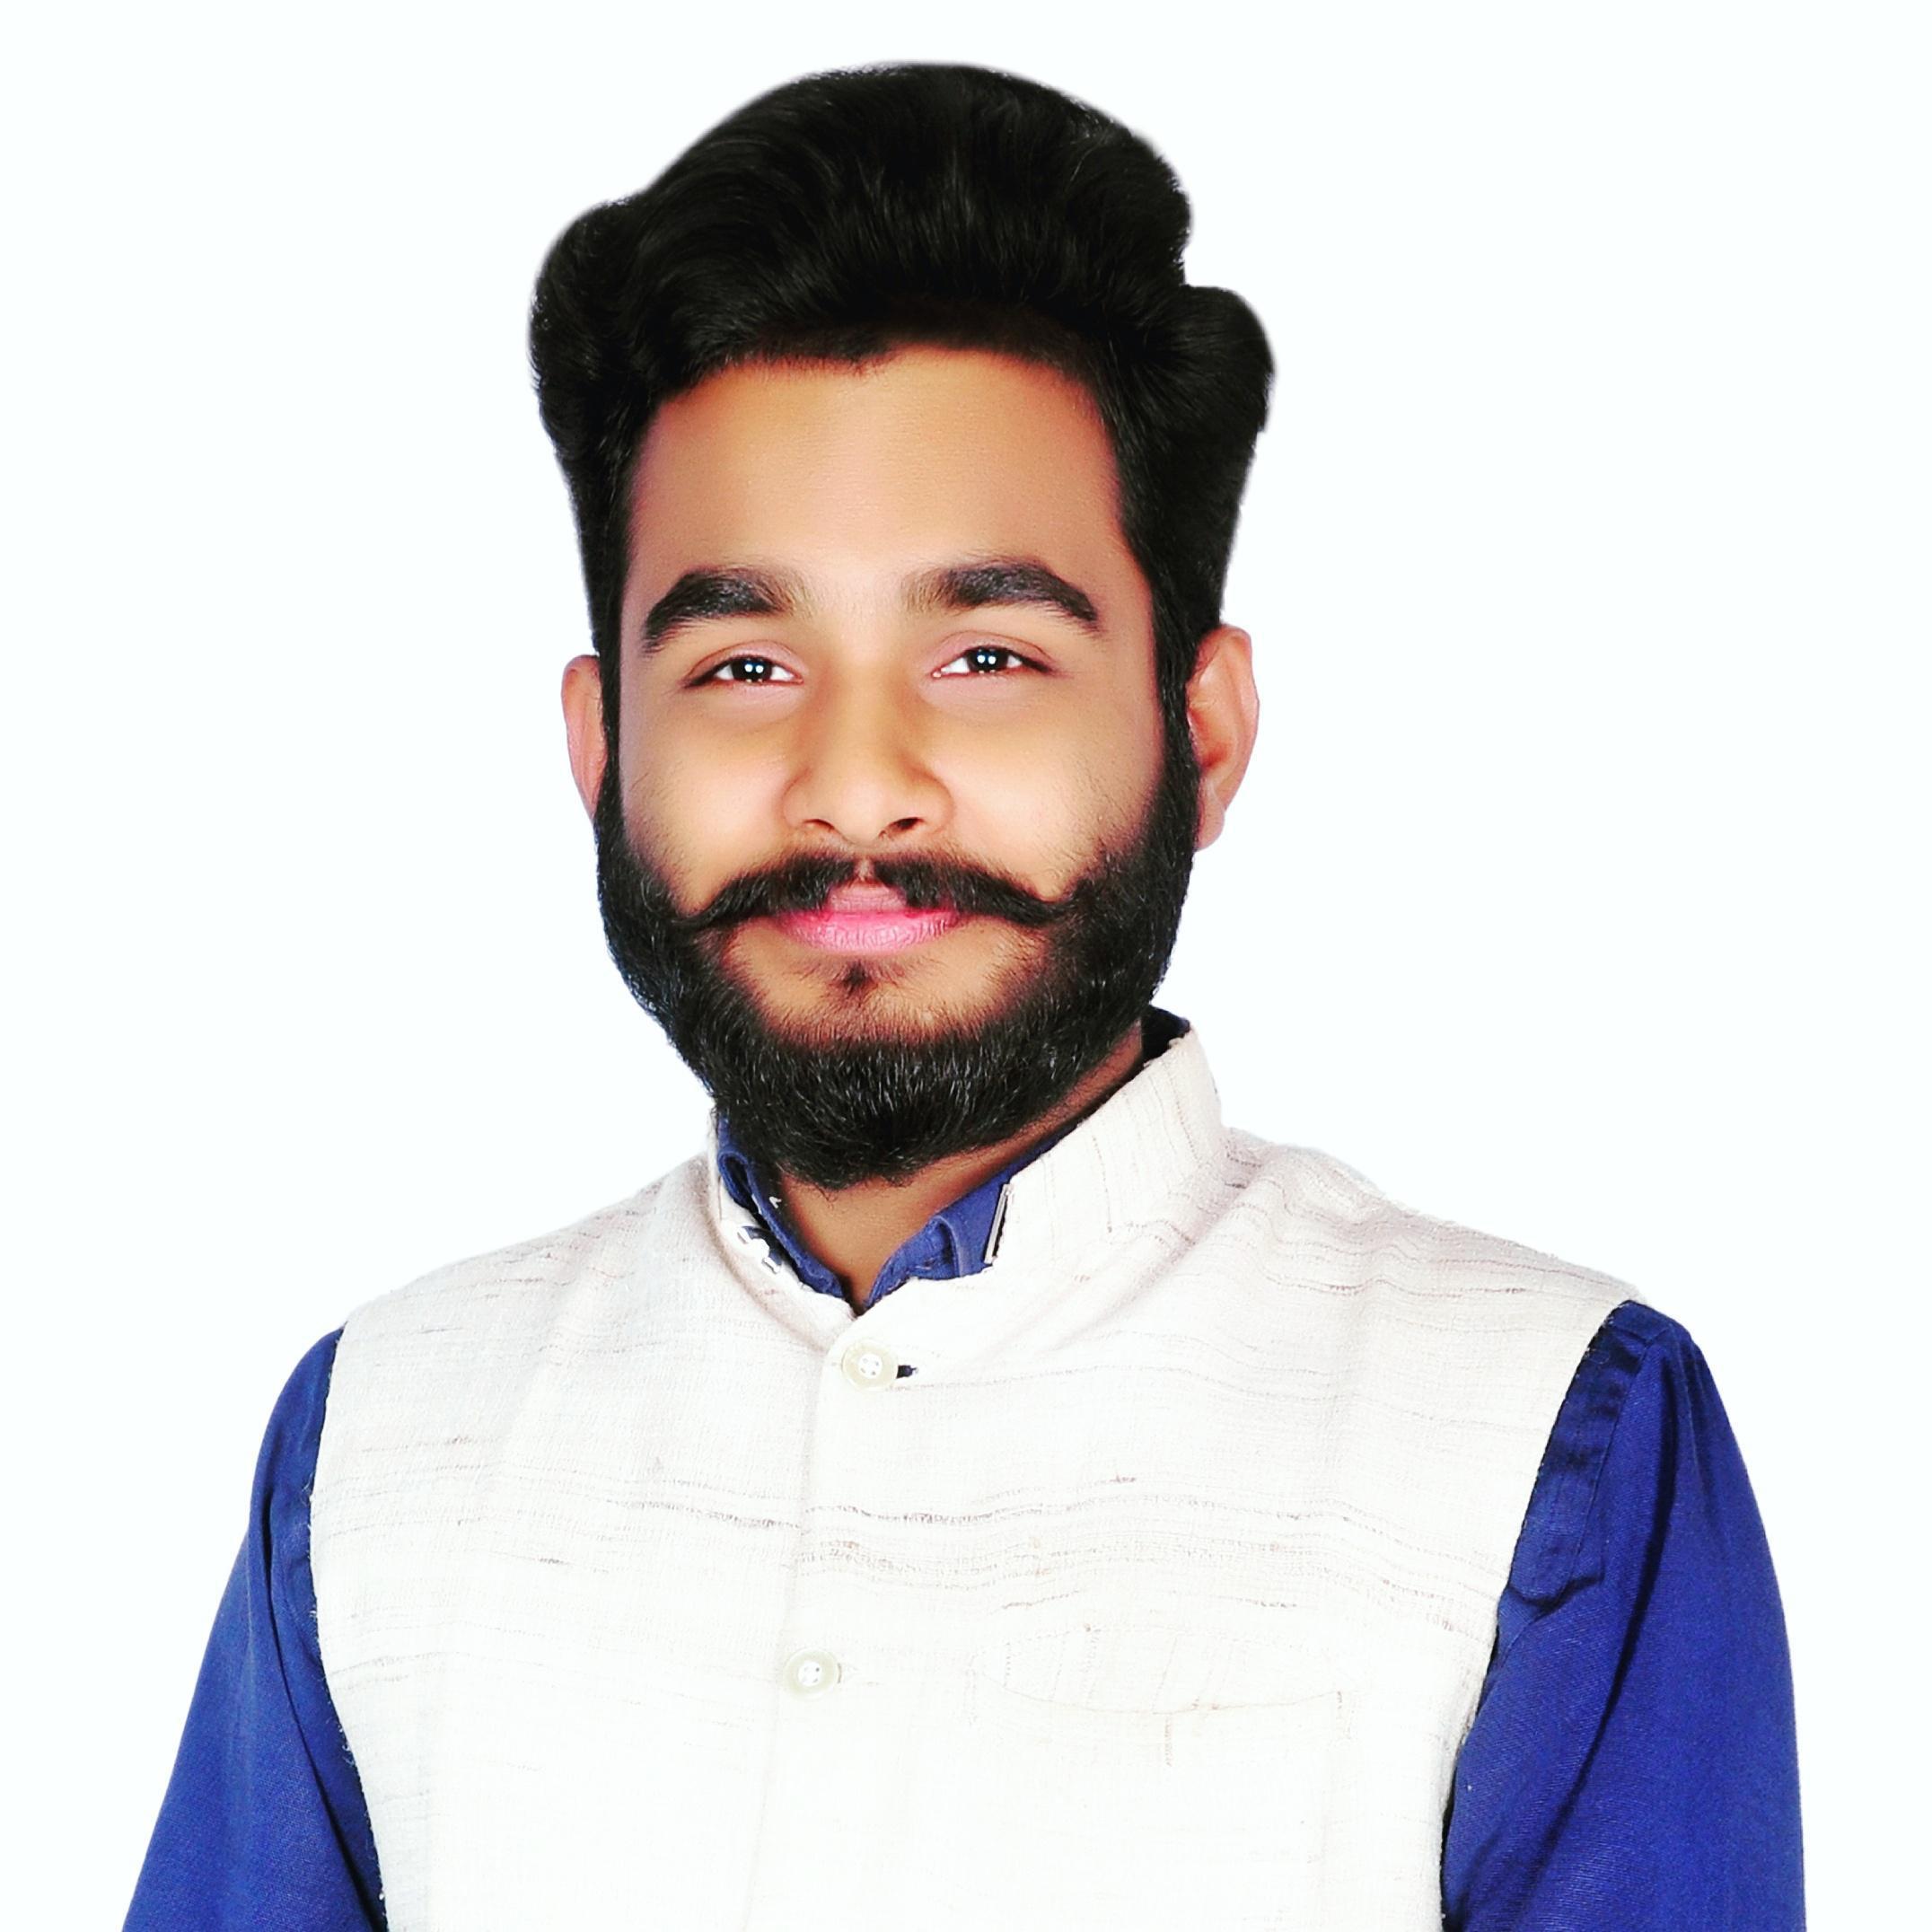 Neeteesh Gaharwar